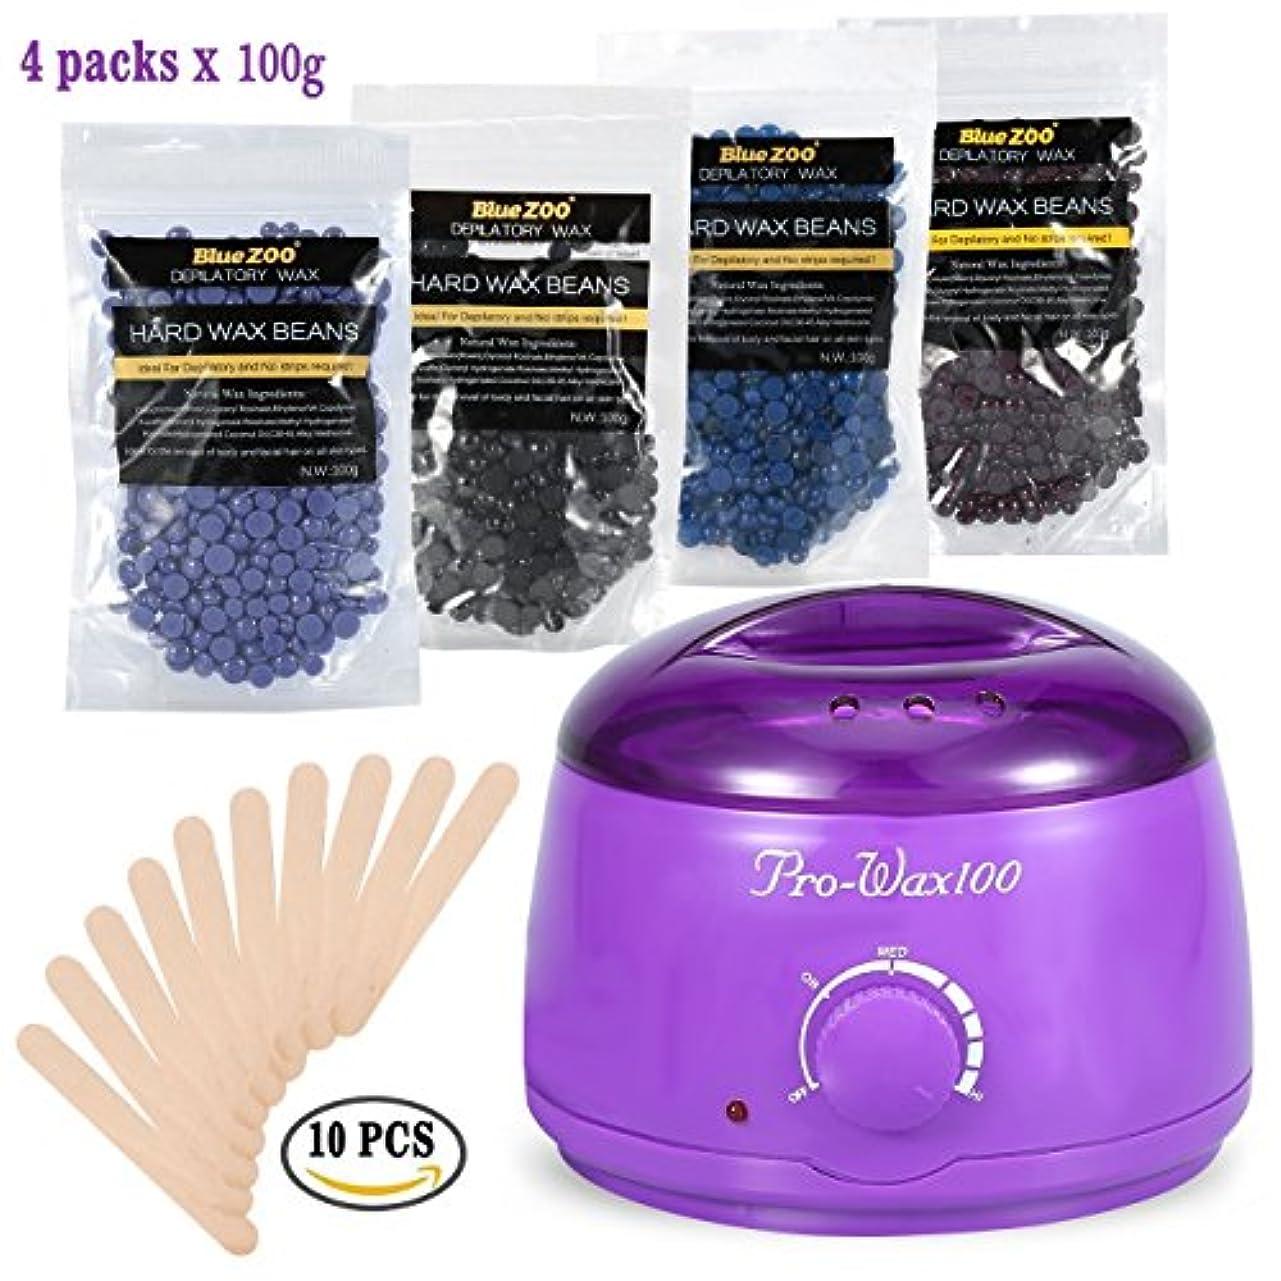 製品六分儀上へビキニボディ脱毛キットをワックスがけ、500ミリリットル電気ワックスヒーター(紫)ハードワックス豆と10木製のへら、ワックス豆の100Gバッグの異なる味の4種類 (1)